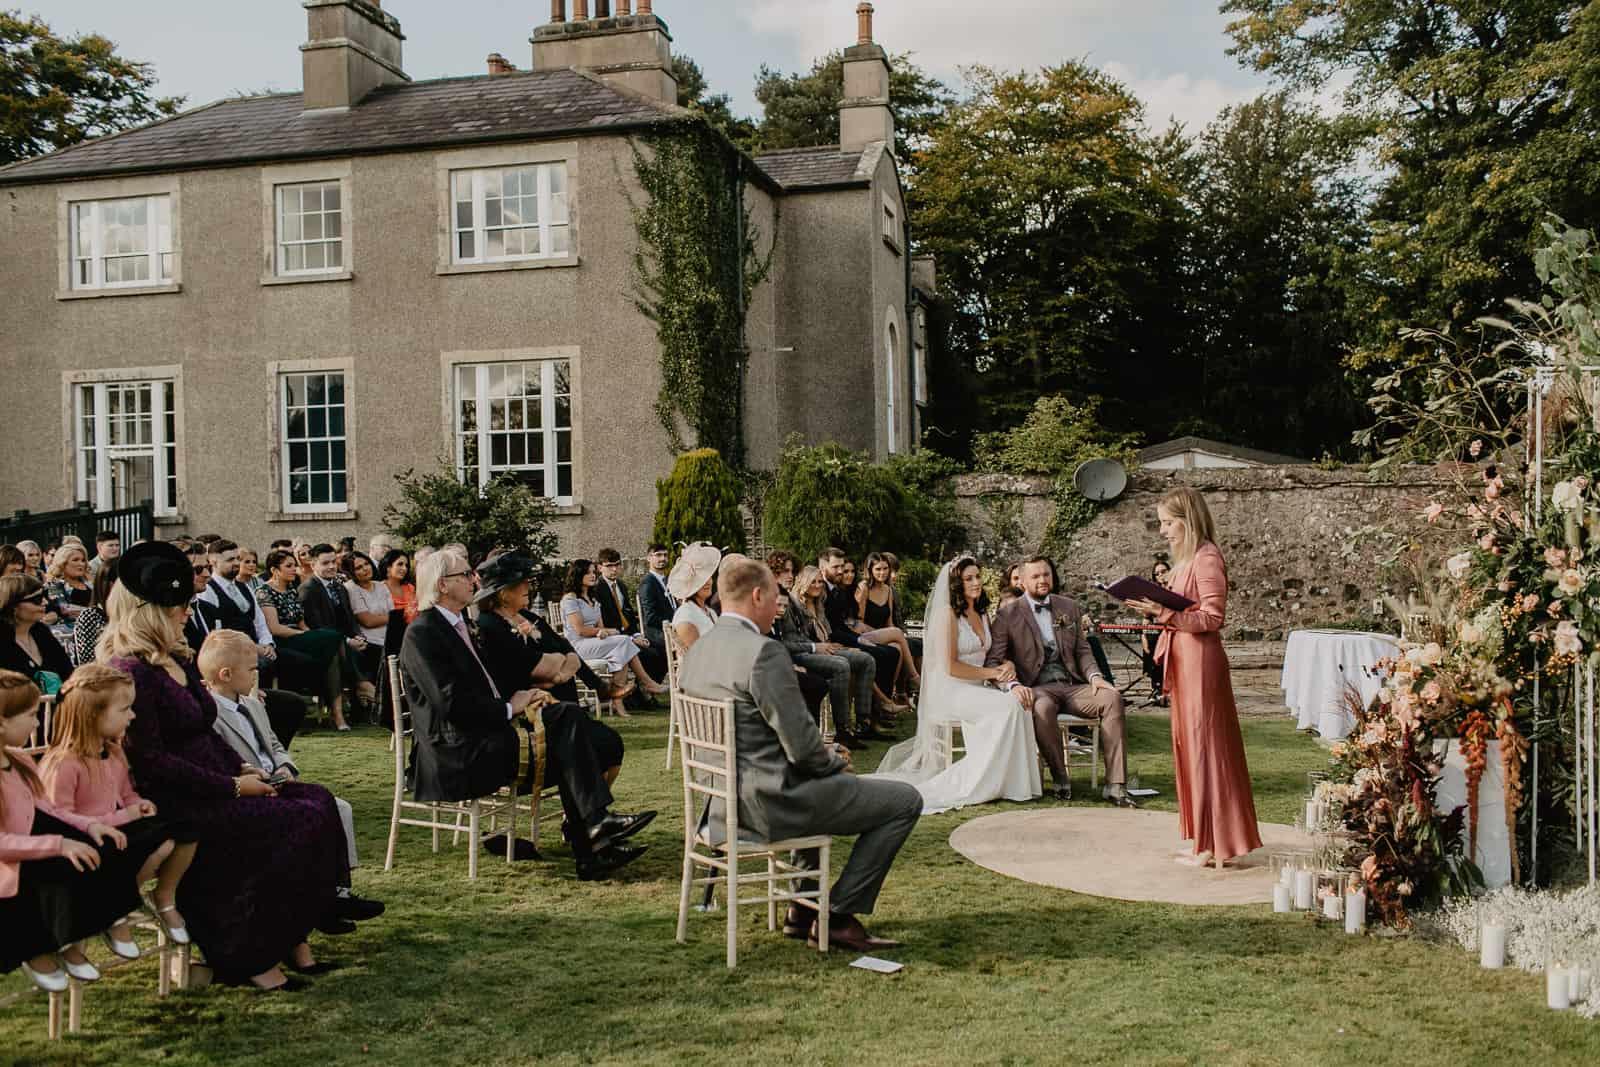 OUTDOOR WEDDING VENUES IRELAND